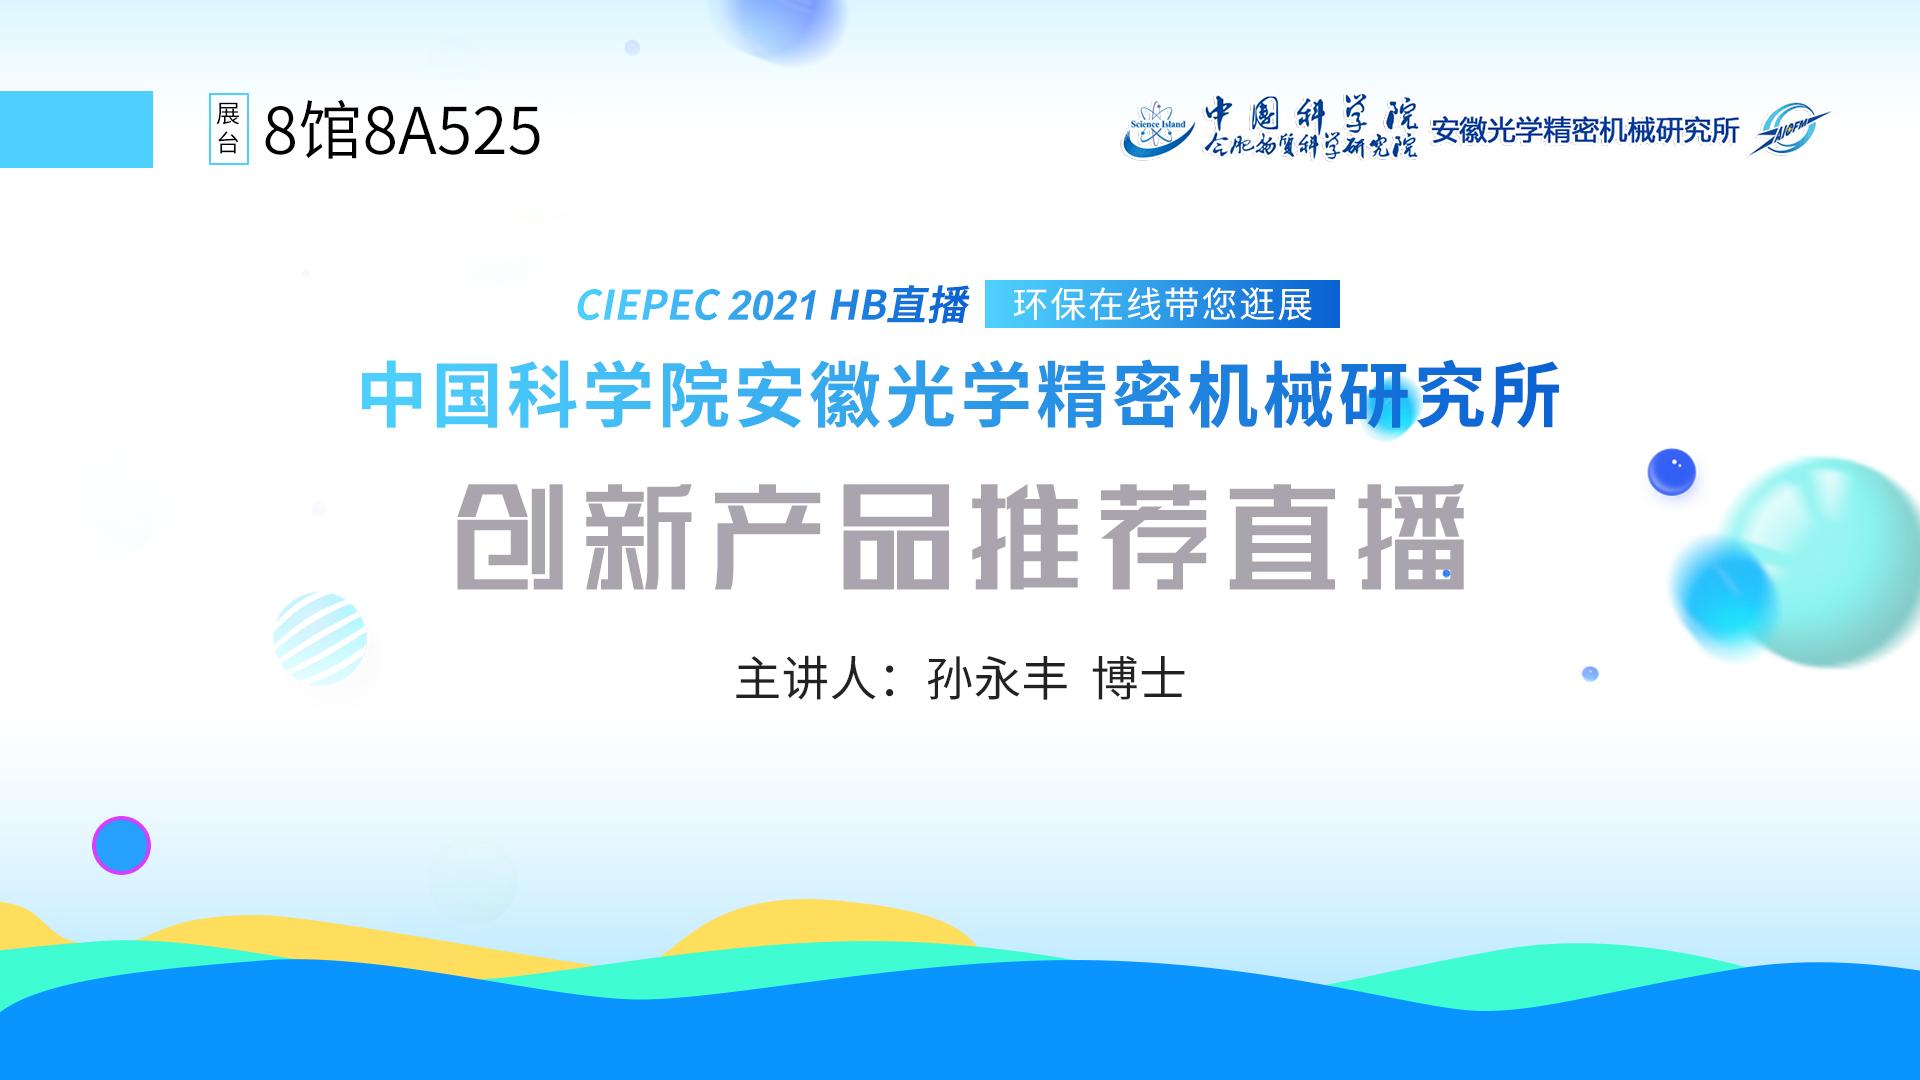 安徽光机所创新产品直播推荐:专业从事烟气分析及环保气体在线监测